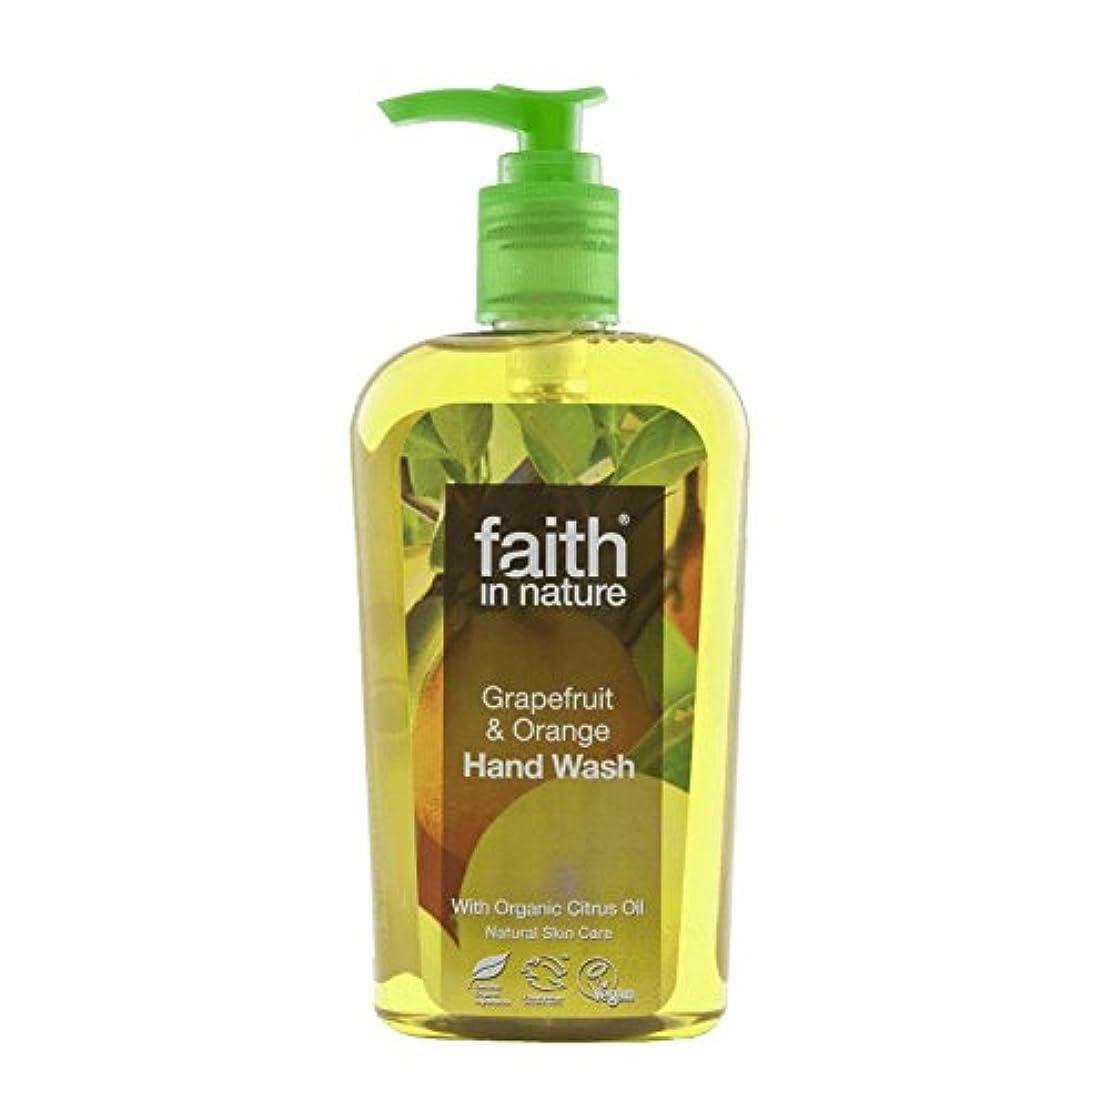 迷彩めんどりモンスターFaith In Nature Grapefruit & Orange Handwash 300ml (Pack of 2) - 自然グレープフルーツ&オレンジ手洗いの300ミリリットルの信仰 (x2) [並行輸入品]